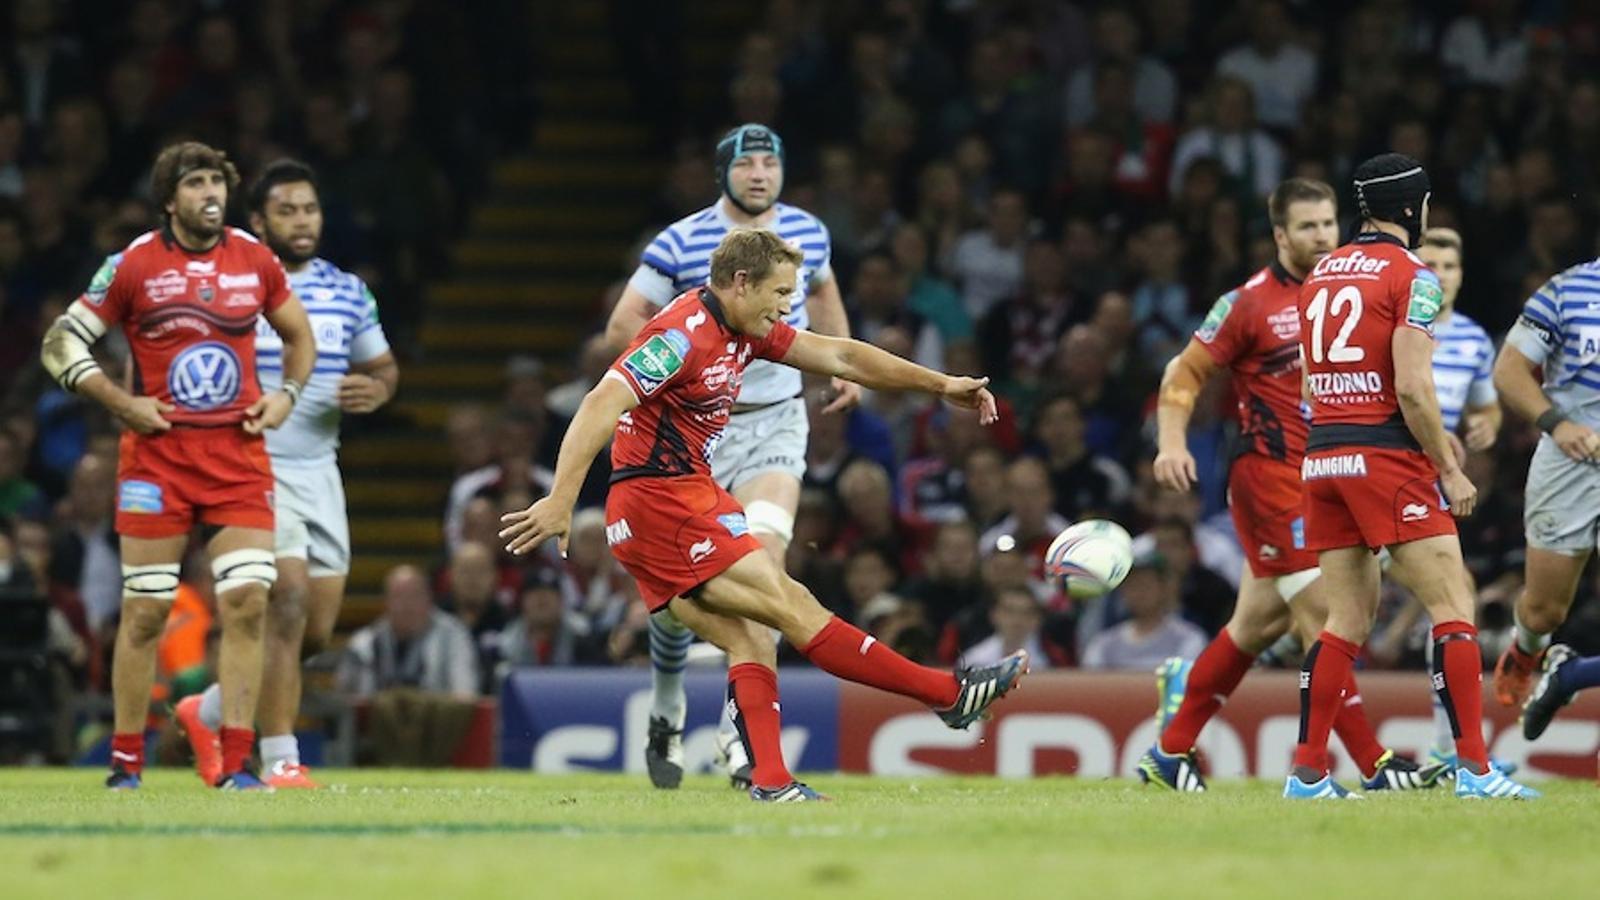 Jonny Wilkinson, executant un 'drop'. El jugador anglès ha dit adéu a la competició guanyant la Heineken Cup amb el Toló / DAVID ROGERS / GETTY